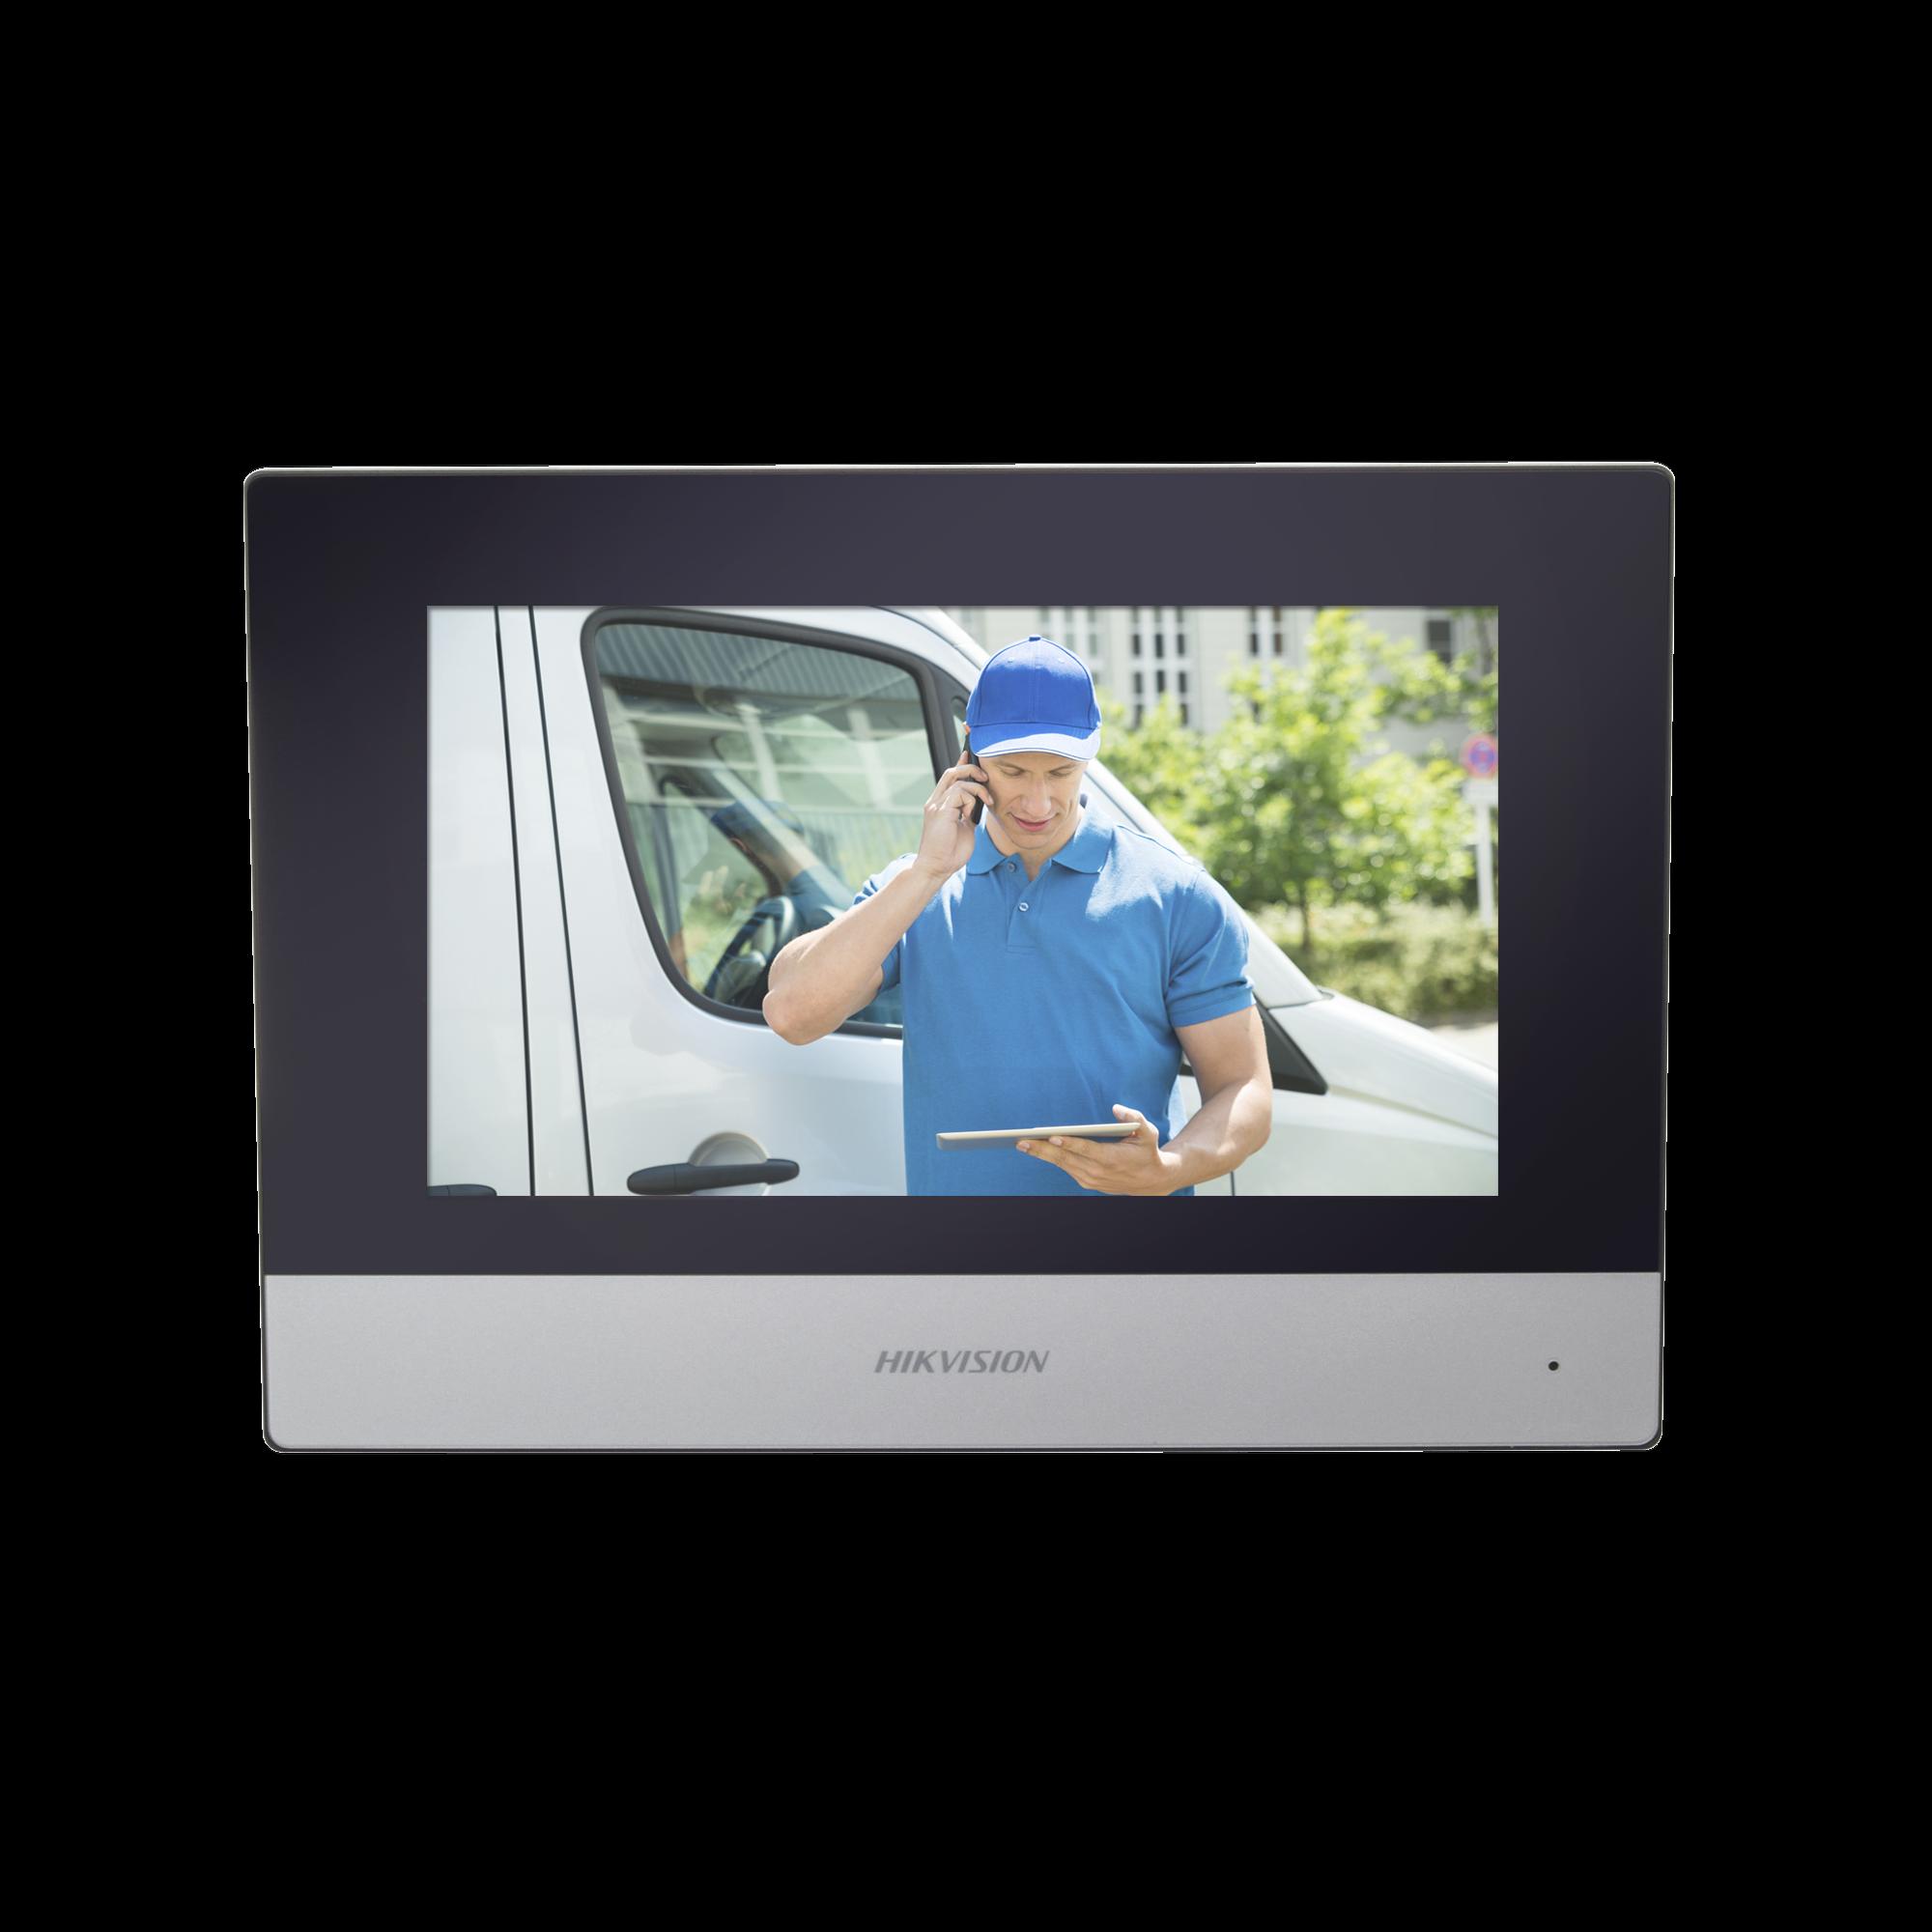 Monitor IP WiFi Touch Screen 7 para Videoportero IP  / Vídeo en Vivo / PoE Estándar / Apertura Remota / Llamada Entre Monitores / Audio de dos vías / Policarbonato